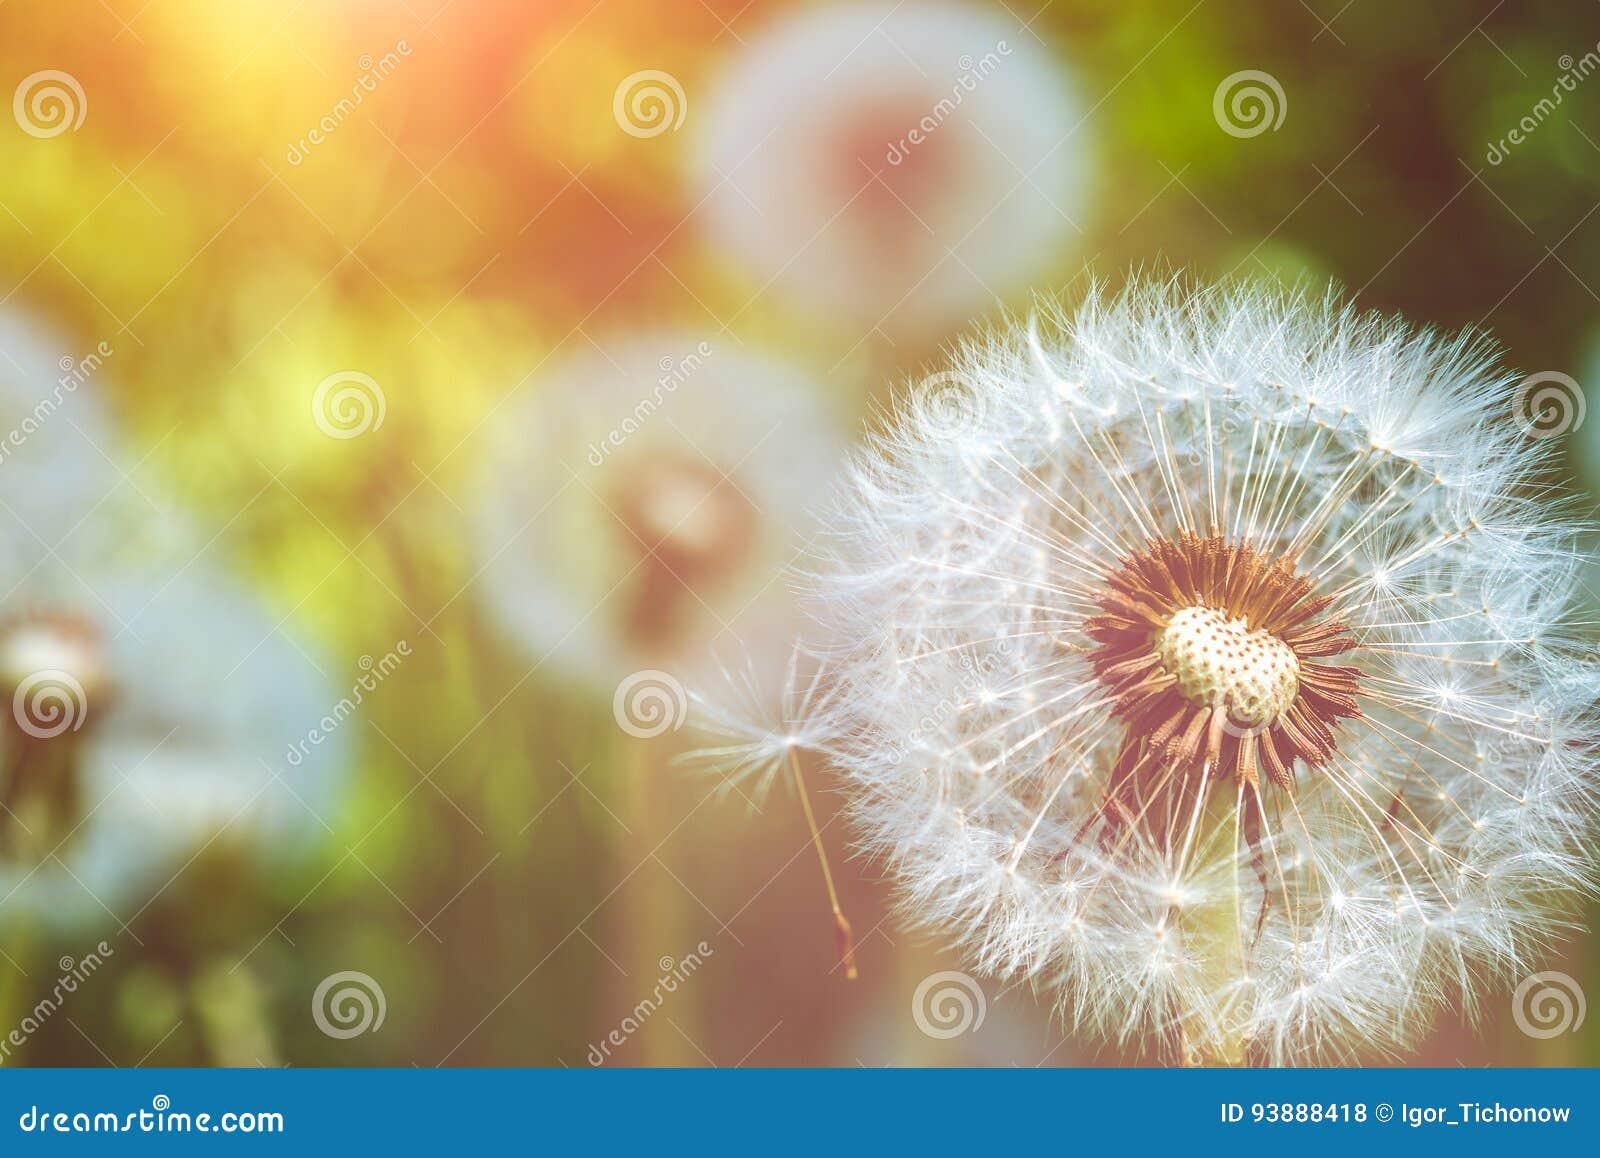 Sluit omhoog van paardebloemen blowball hoofd onder zongloed zijn klaar om zaden met de wind mee te beginnen